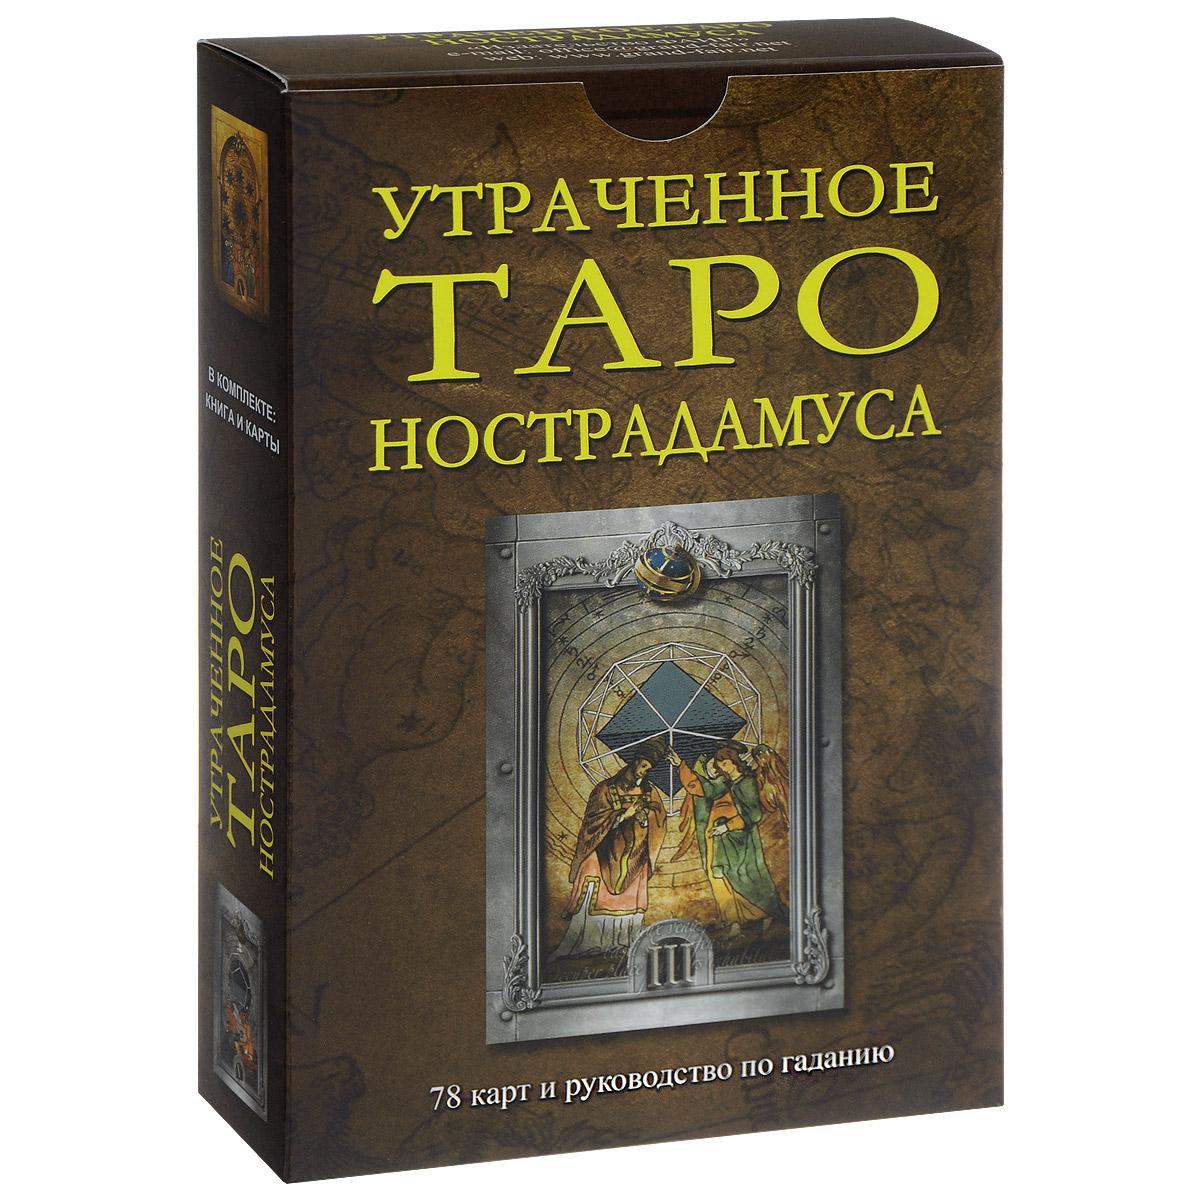 Утраченное Таро Нострадамуса (+ 78 карт). Джон Мэттьюз, Уил Кинган